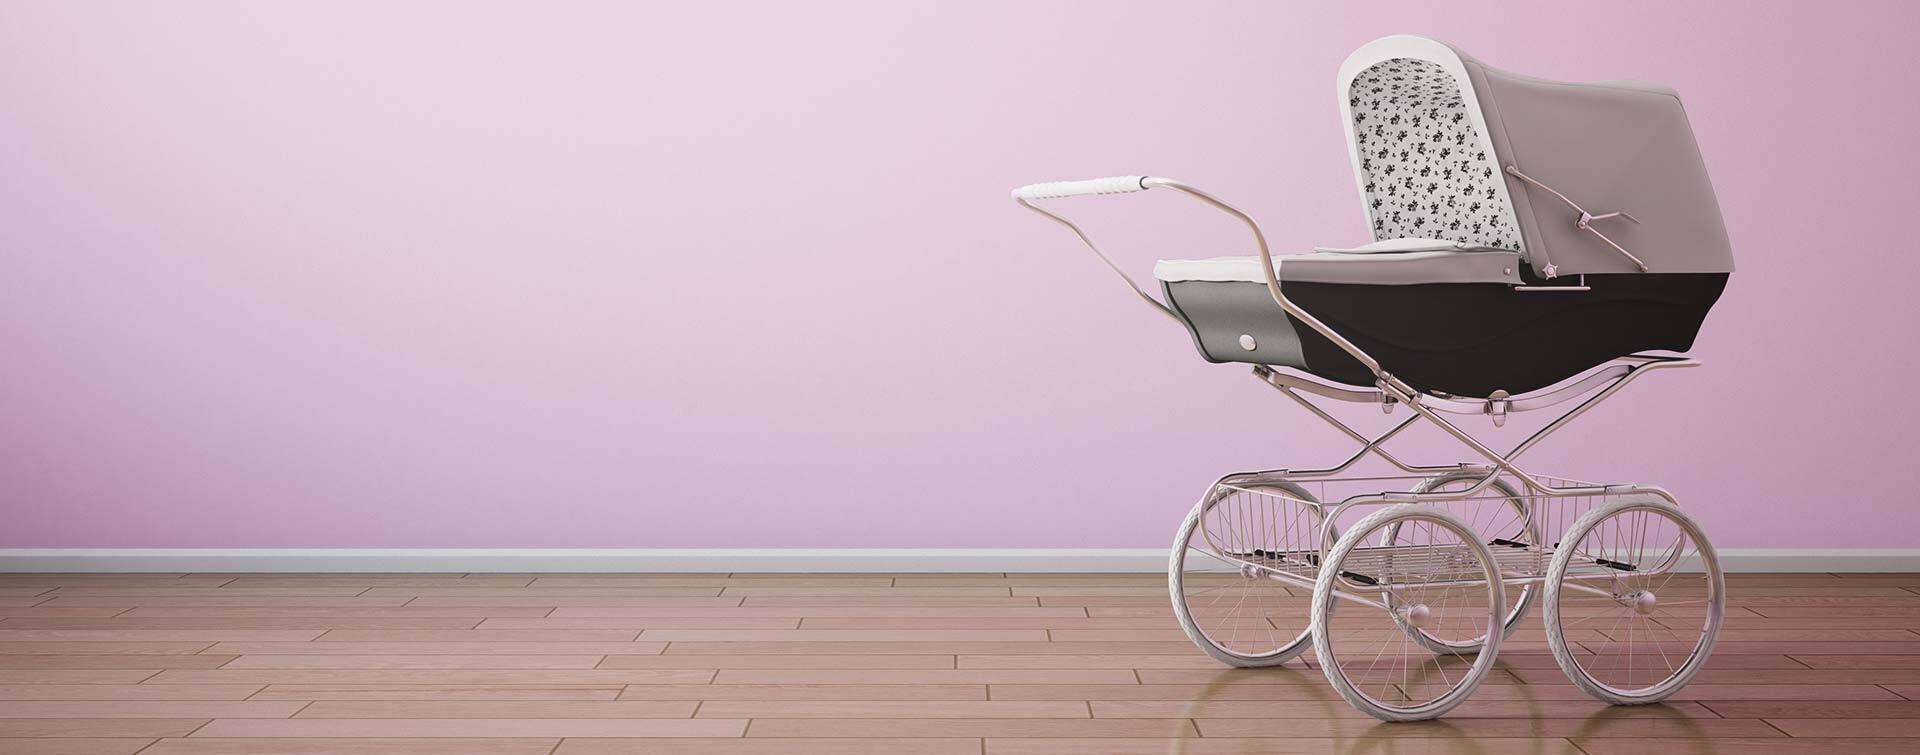 Jak wysłać wózek dziecięcy kurierem